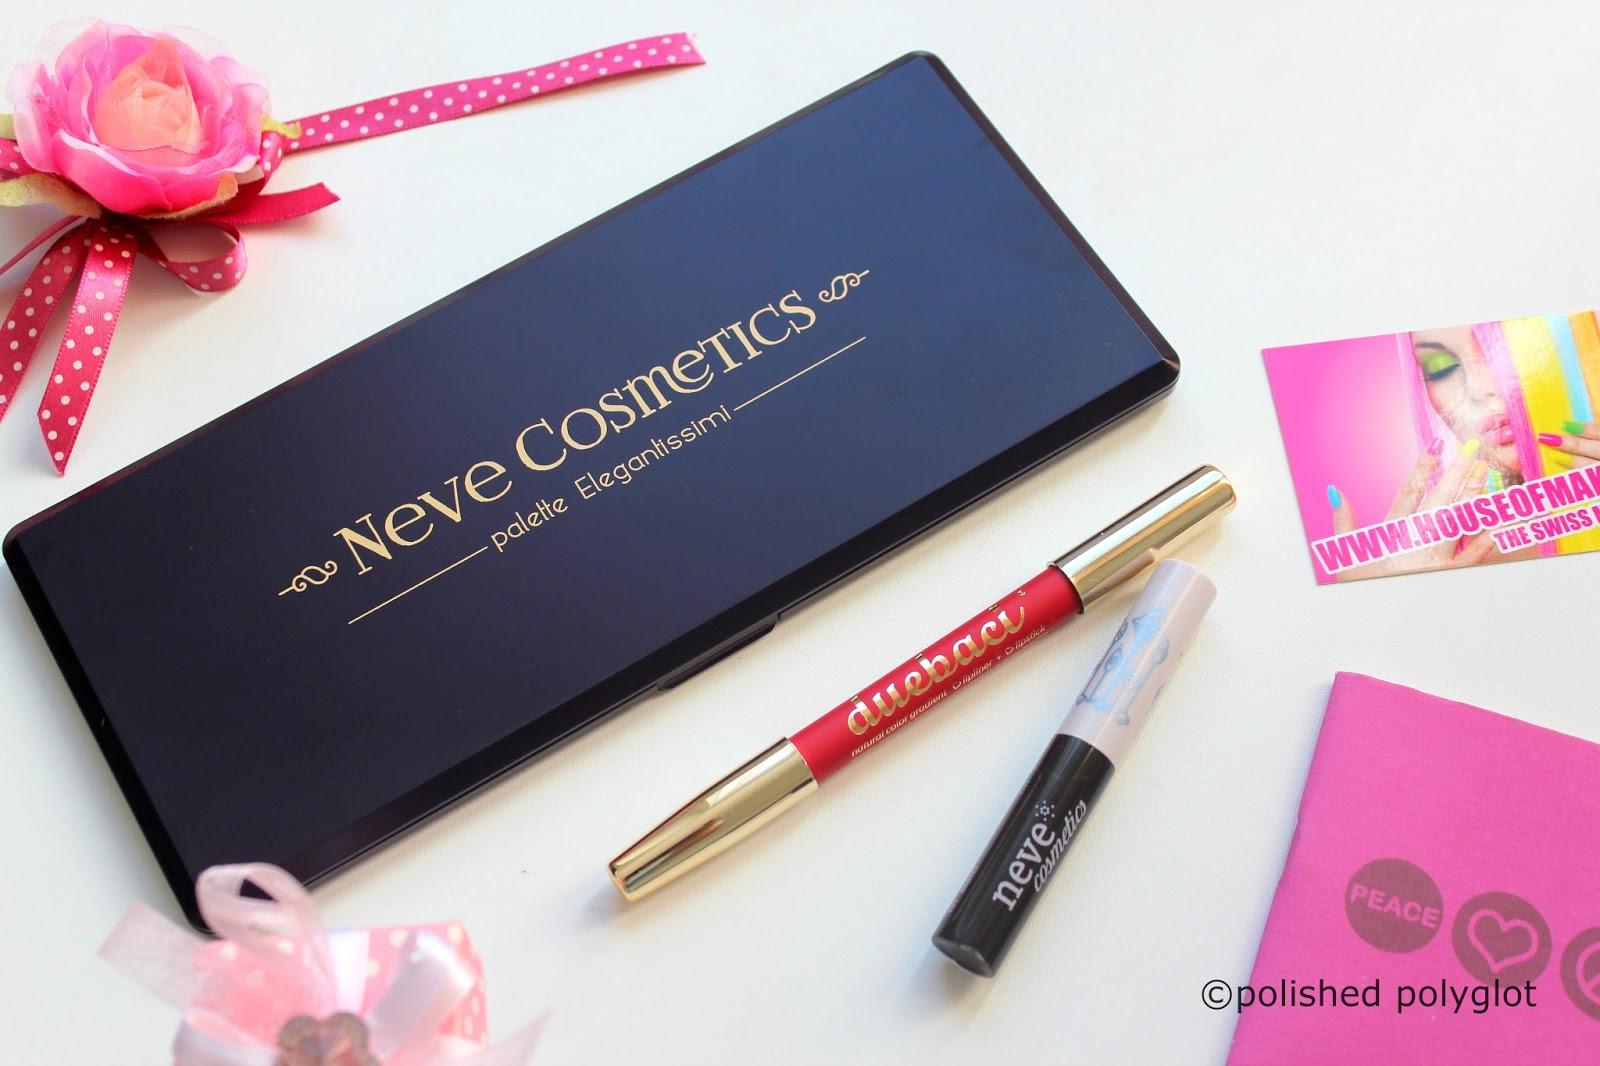 Makeup Discovering Neve Cosmetics Vegan Makeup Brand Polished Polyglot